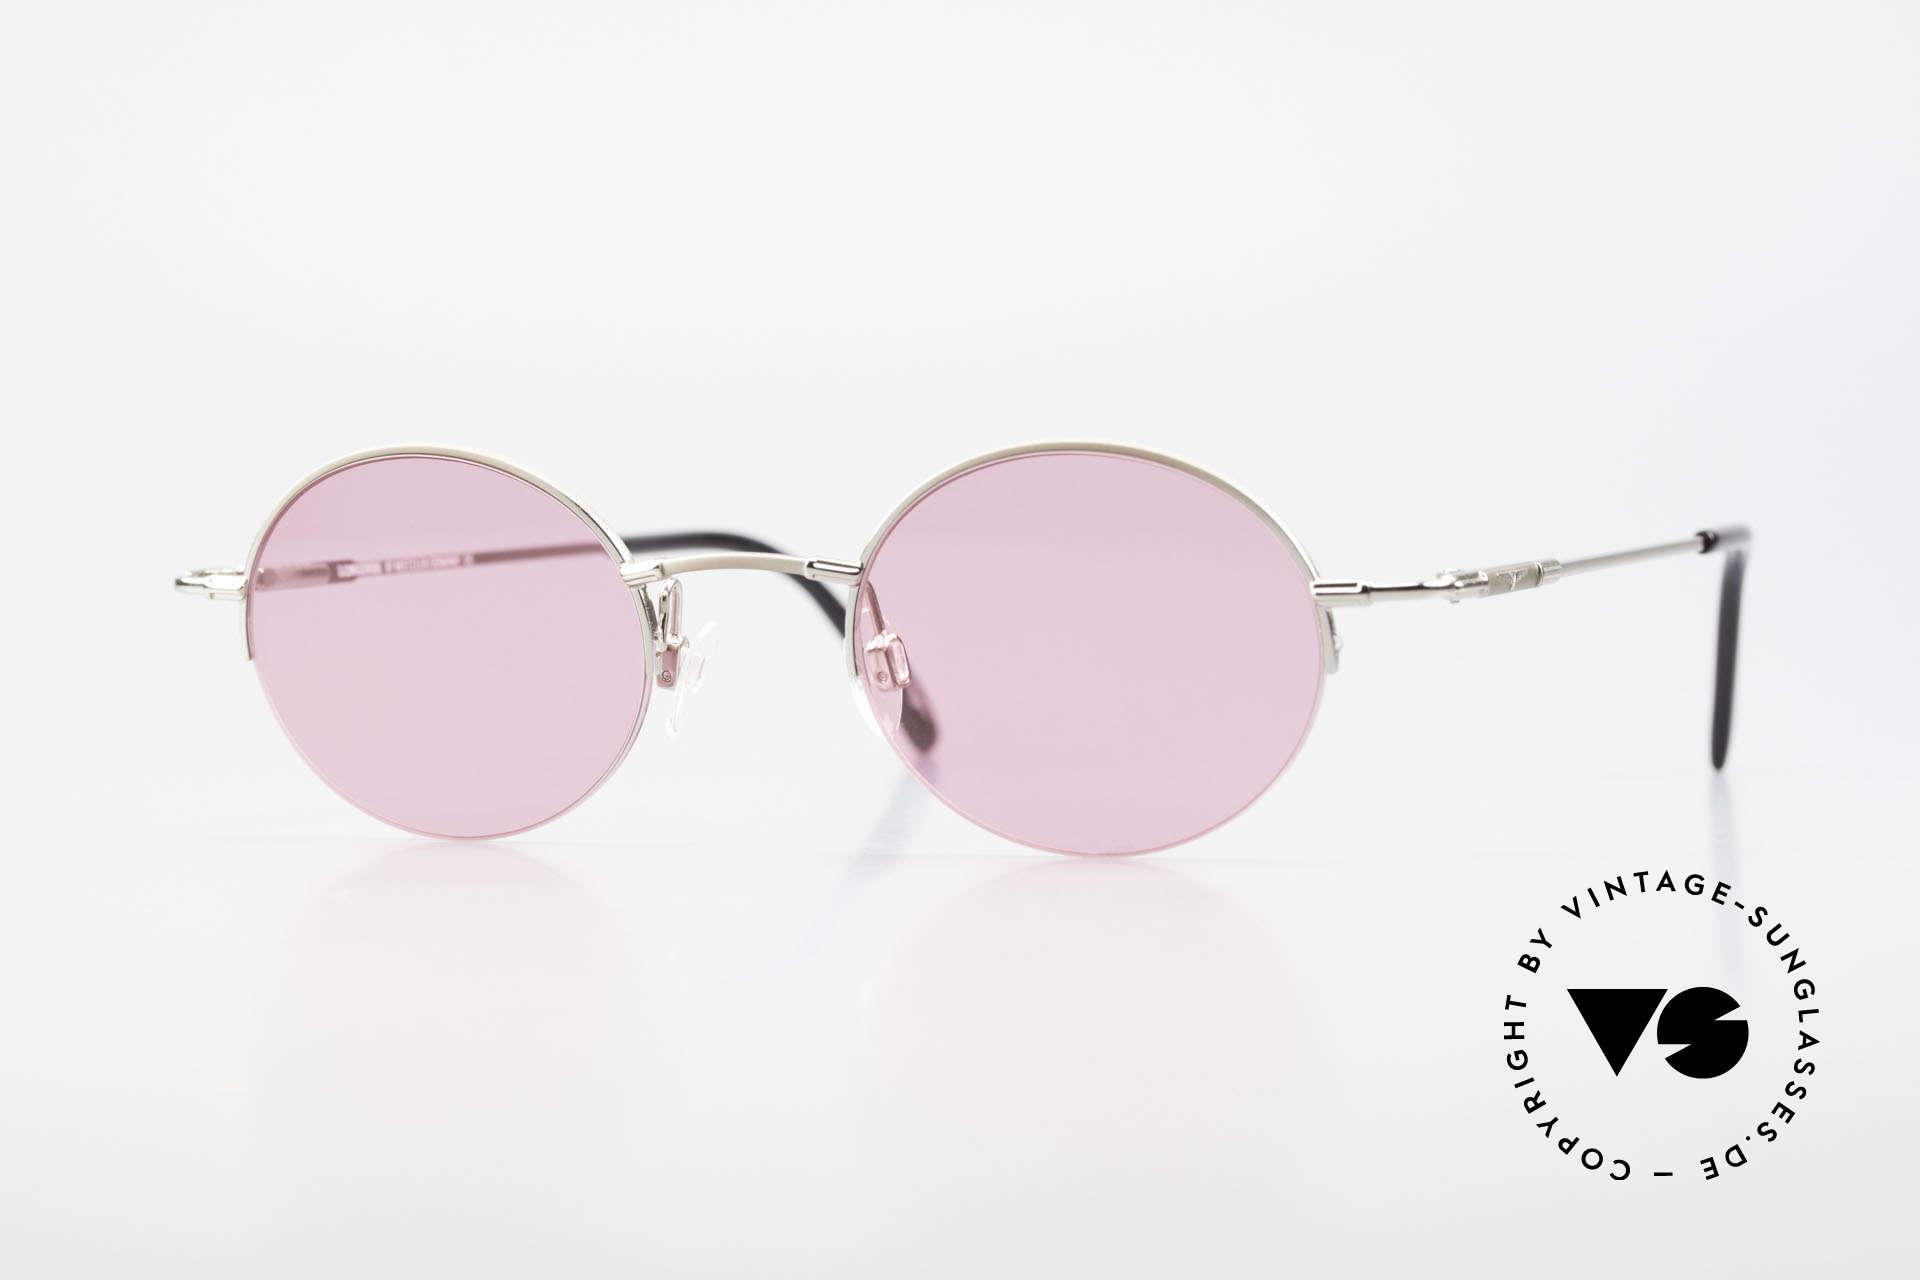 Longines 4363 Pinke Sonnenbrille 90er Oval, rund-ovale Longines Sonnenbrille aus den 90er Jahren, Passend für Herren und Damen